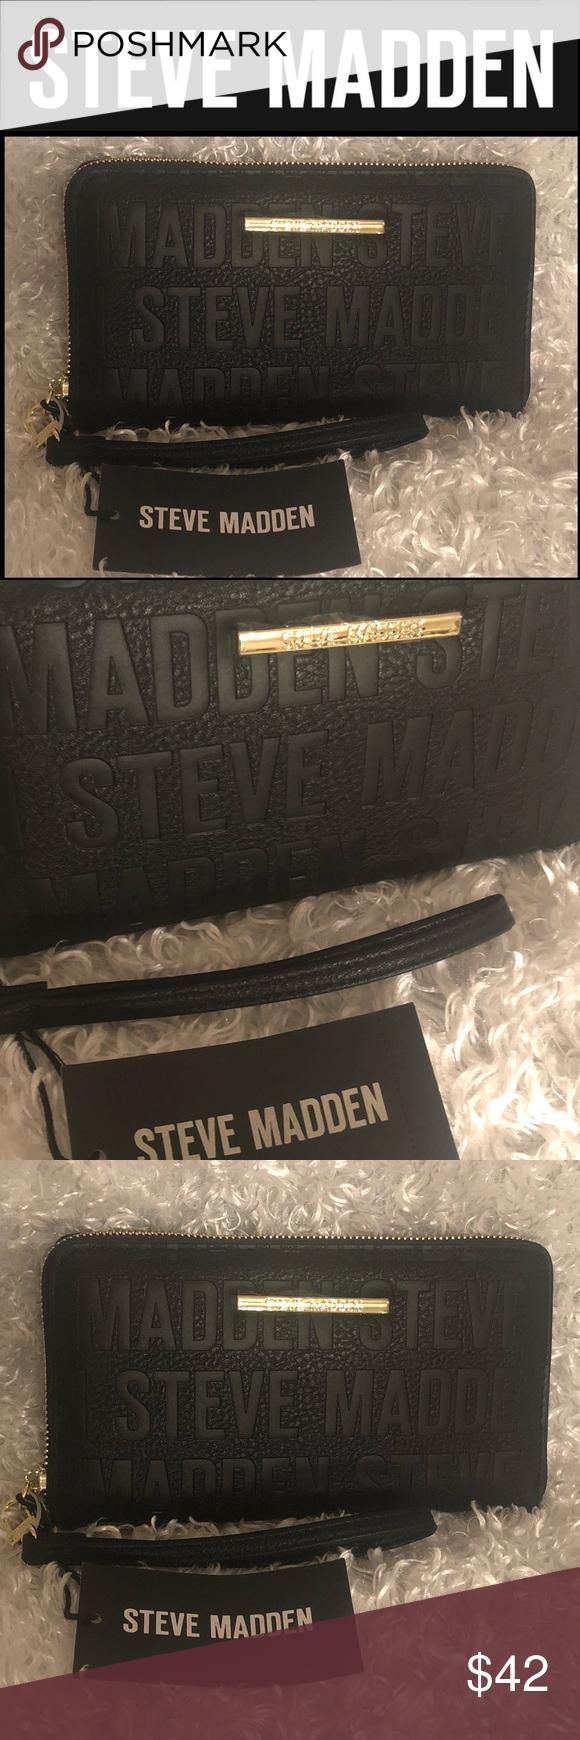 Steve Madden Blk Gold Bzip Zip Around Wallet Steve Madden Steve Madden Bags Zip Around Wallet